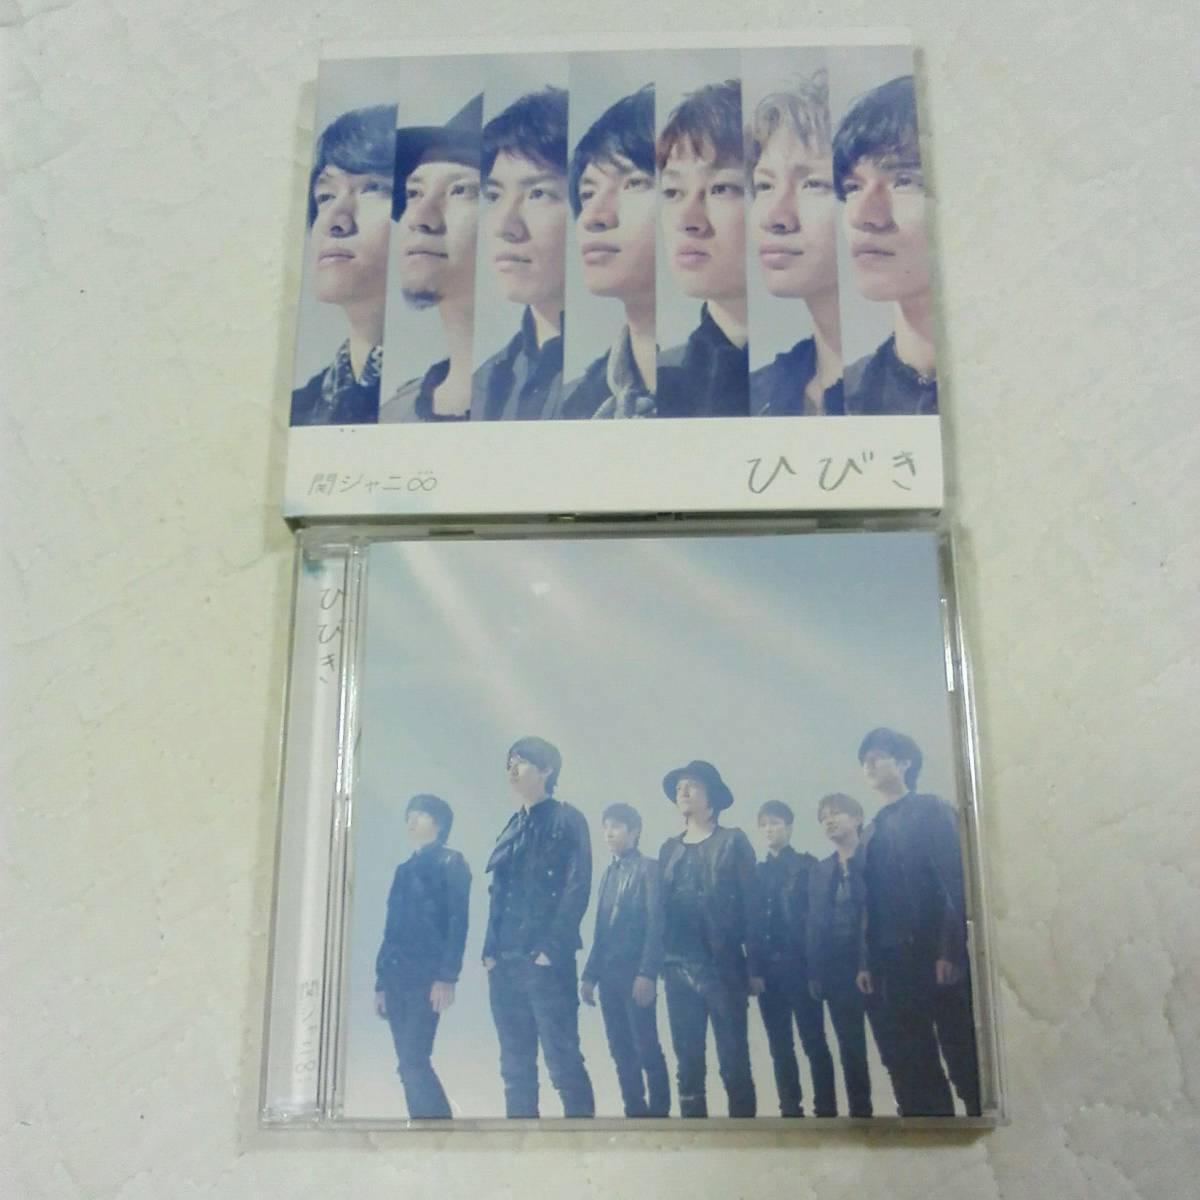 関ジャニ∞ ひびき 初回限定盤CD+DVD 通常盤 2枚セット_画像1